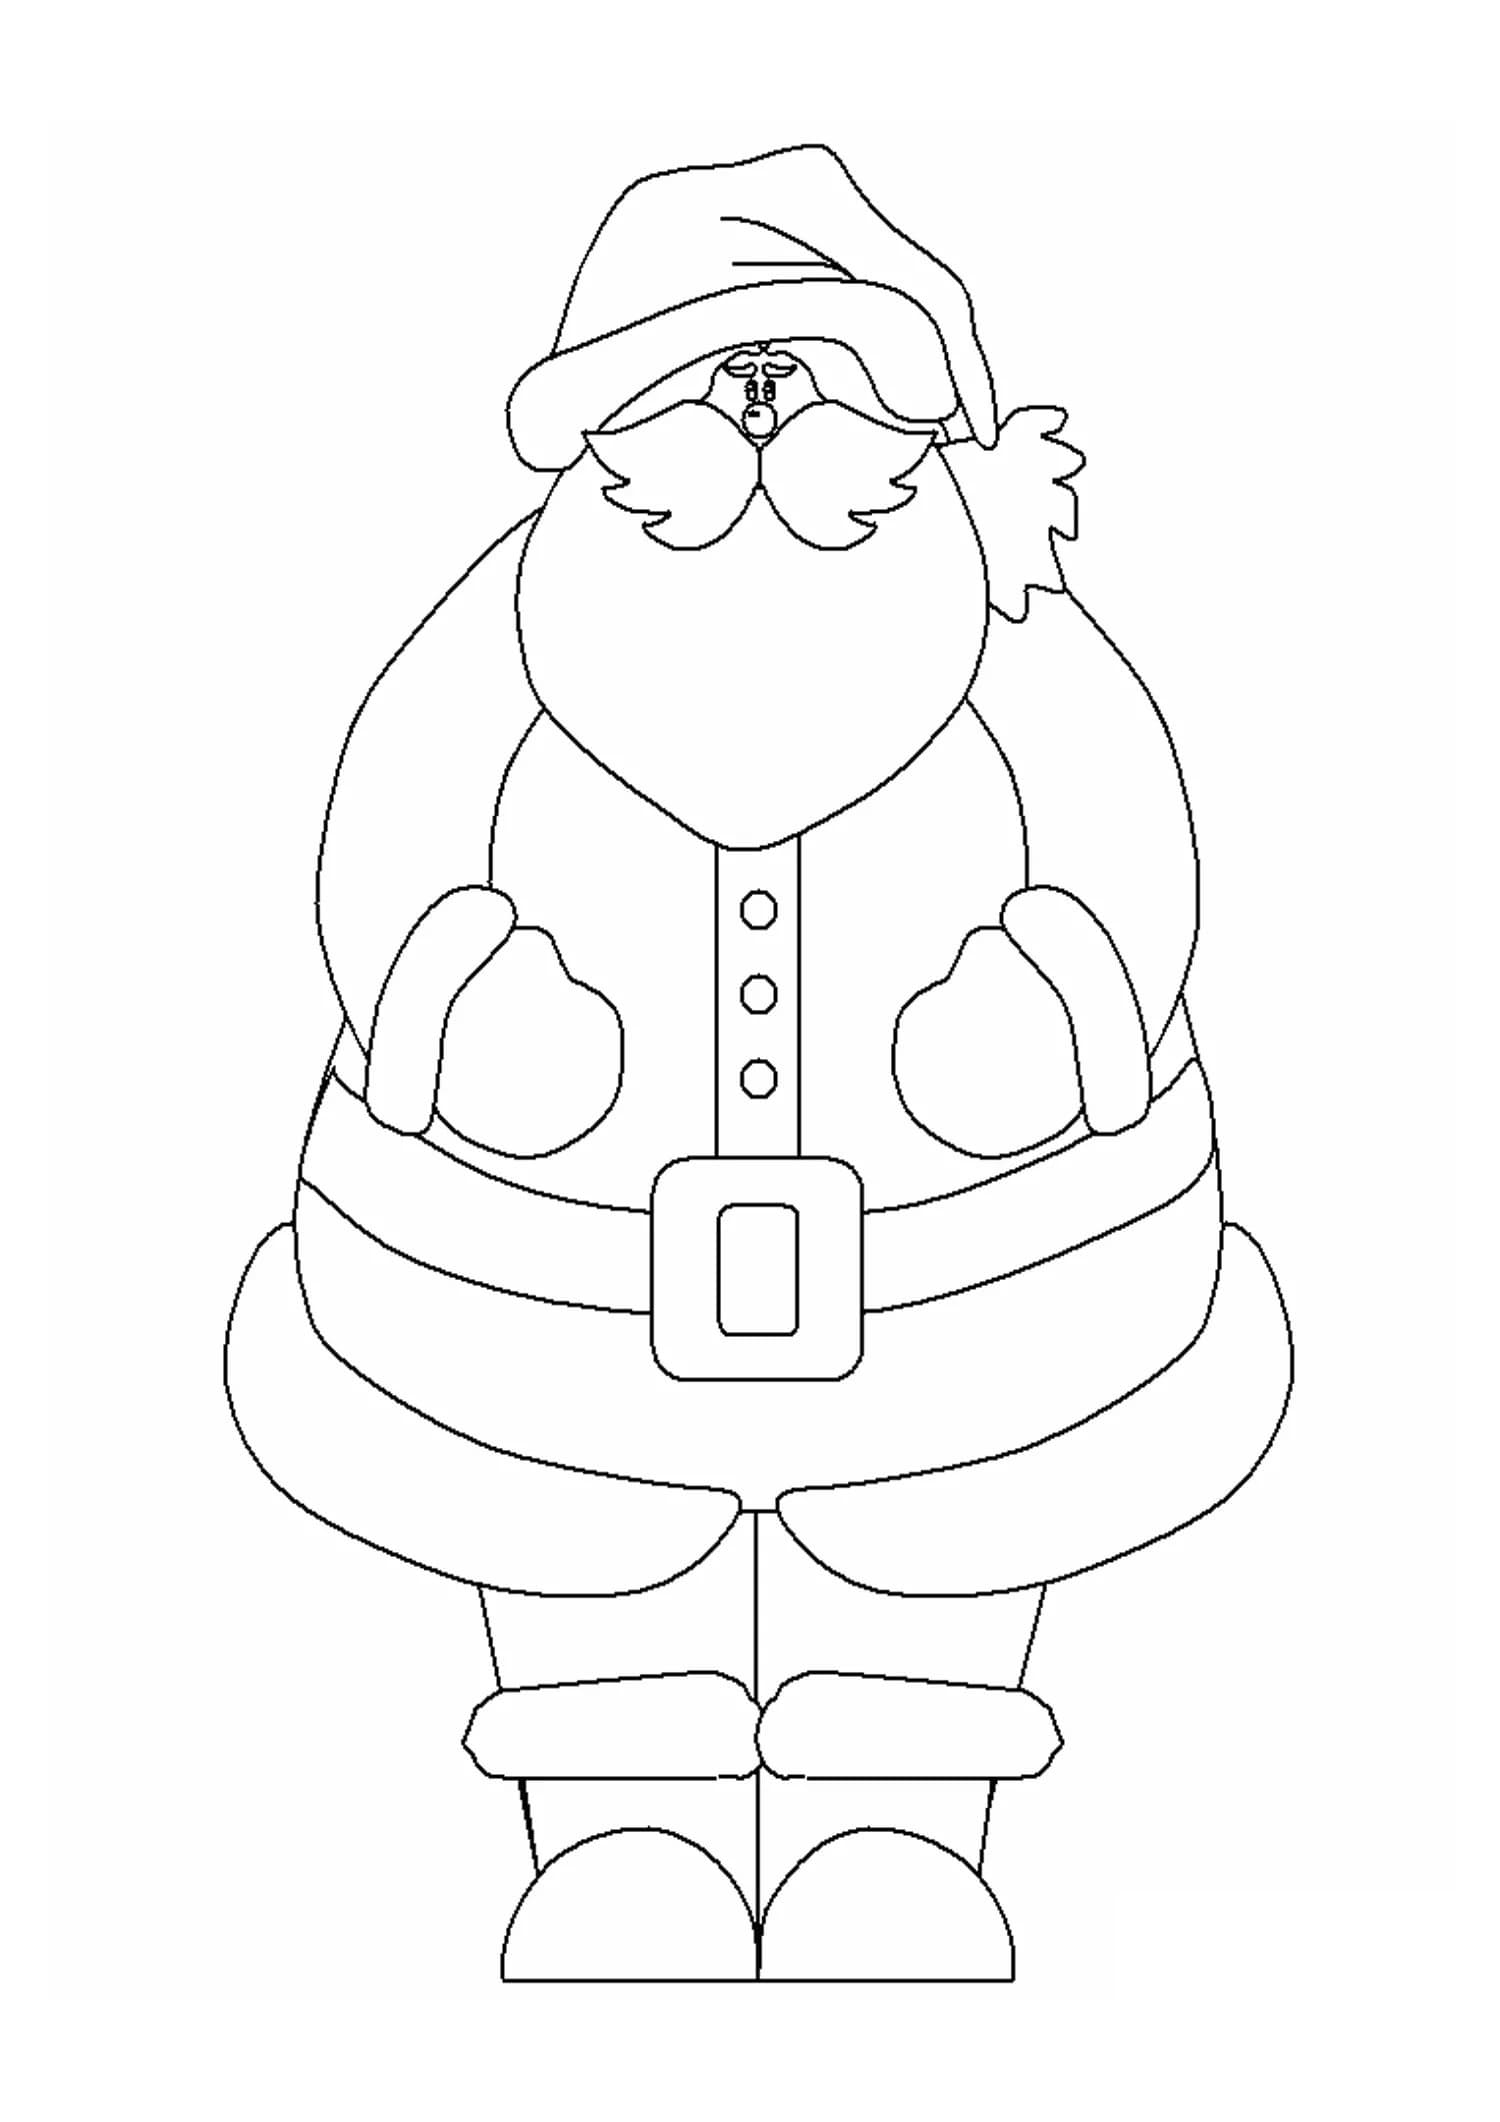 Bambini Babbo Natale Disegno.Disegni Di Babbo Natale Da Colorare 100 Immagini Per La Stampa Gratuita